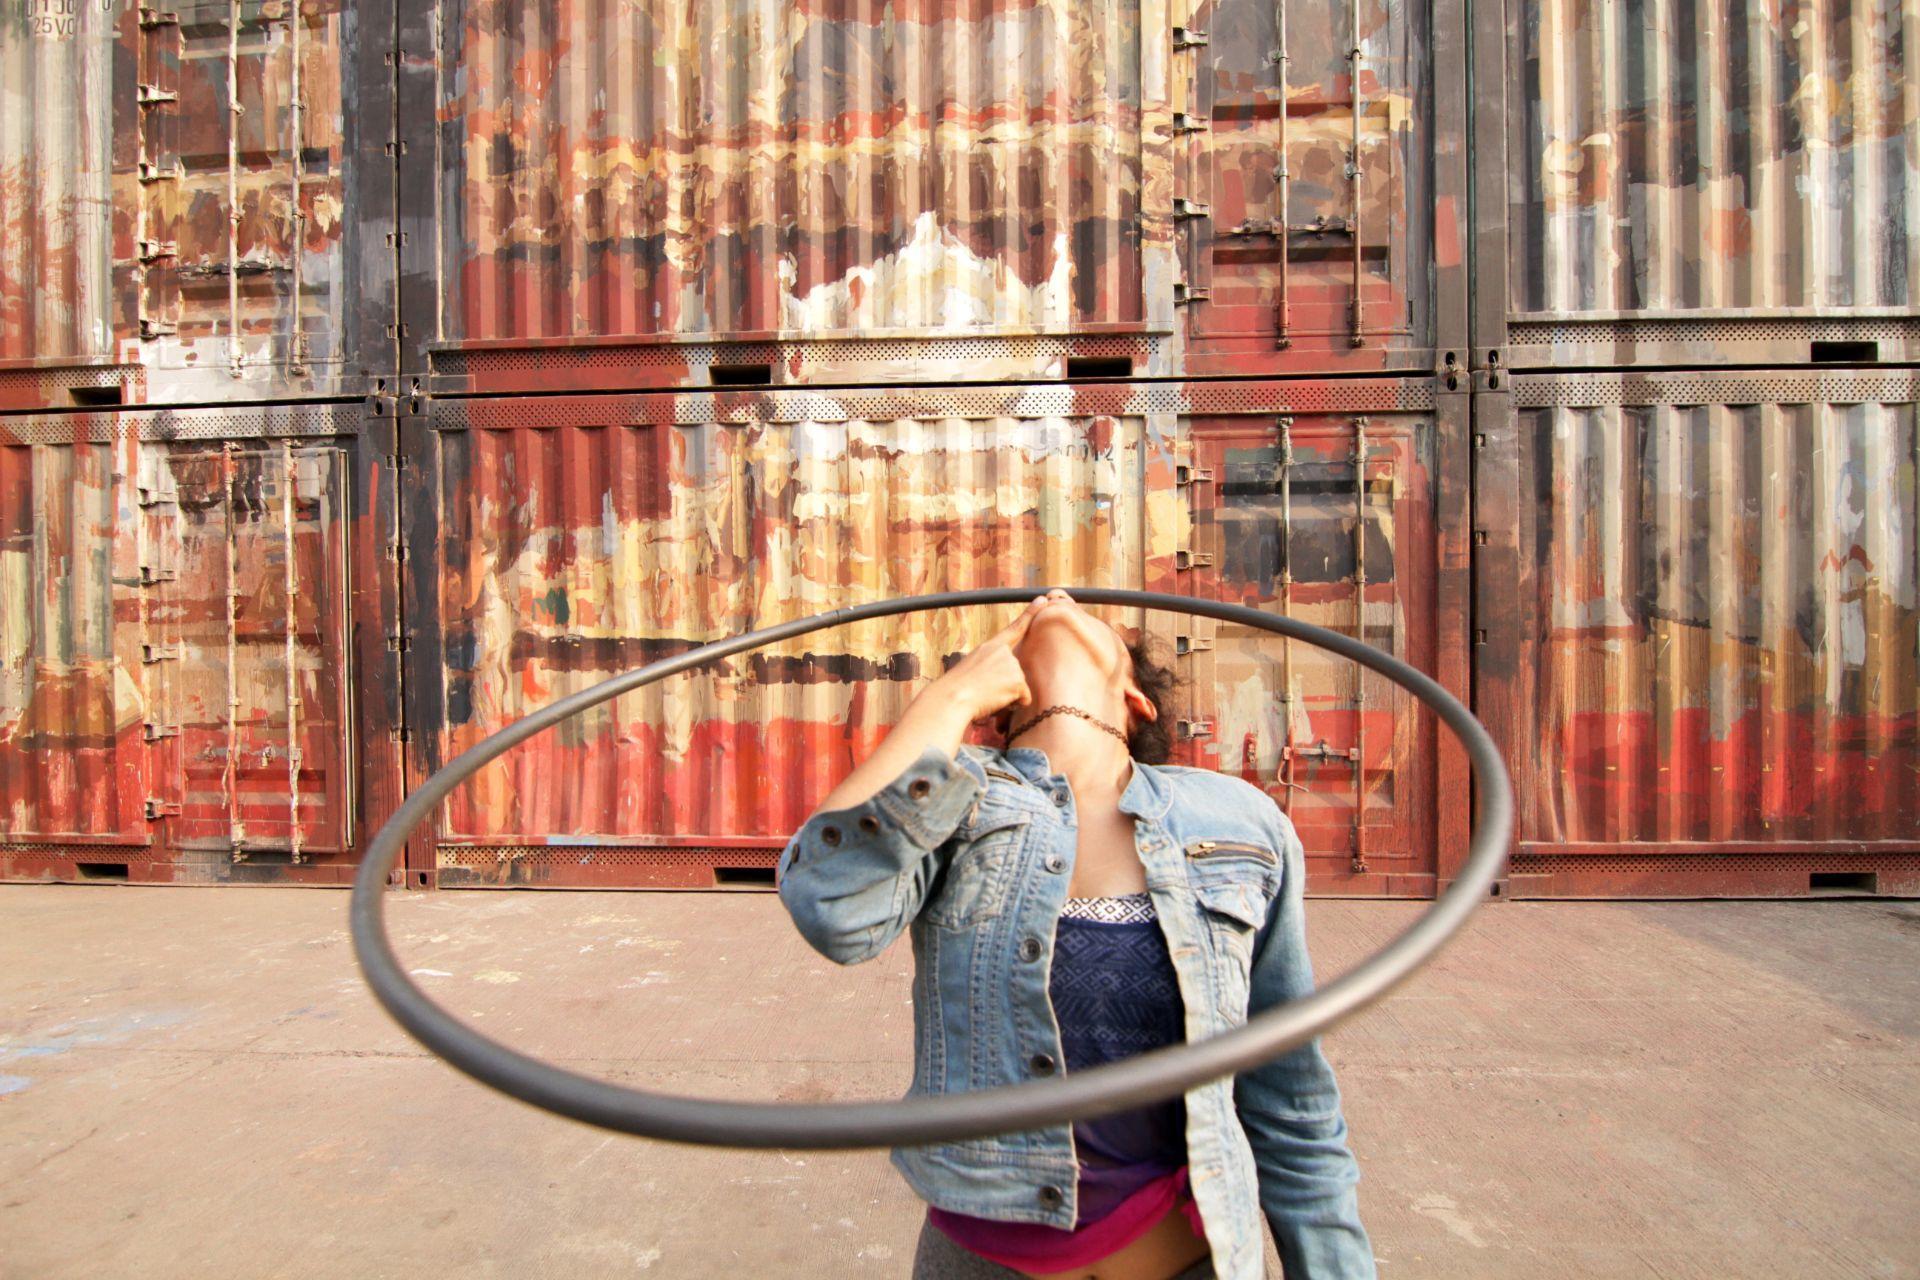 Hoop flow nose balance graffiti street art